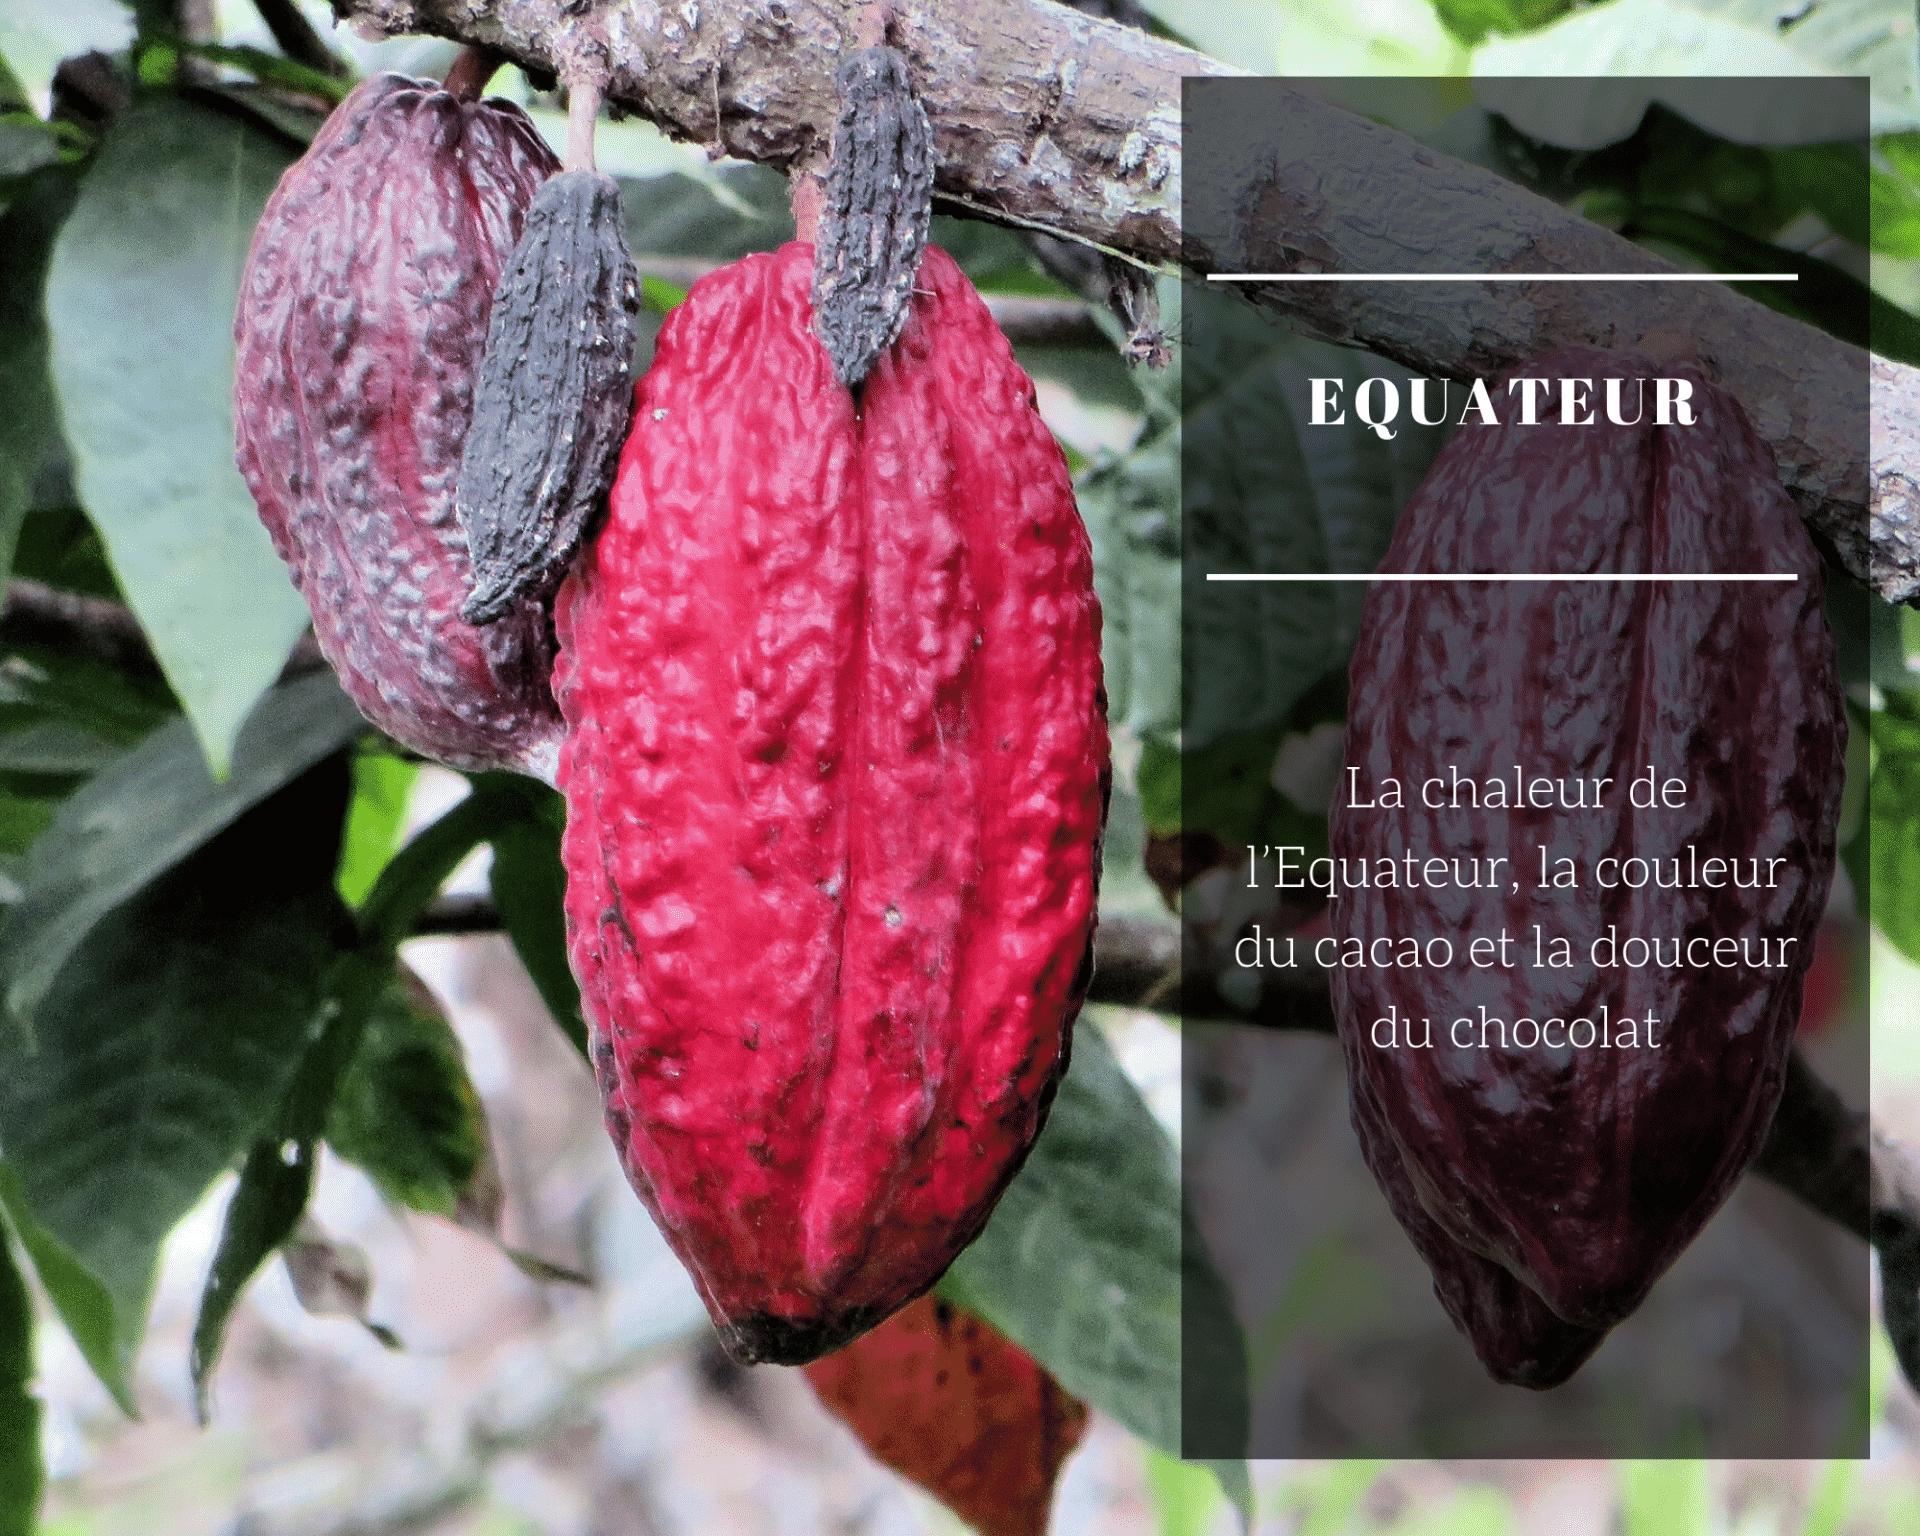 La Chaleur De L'Equateur, La Couleur Du Cacao Et La Douceur Du Chocolat